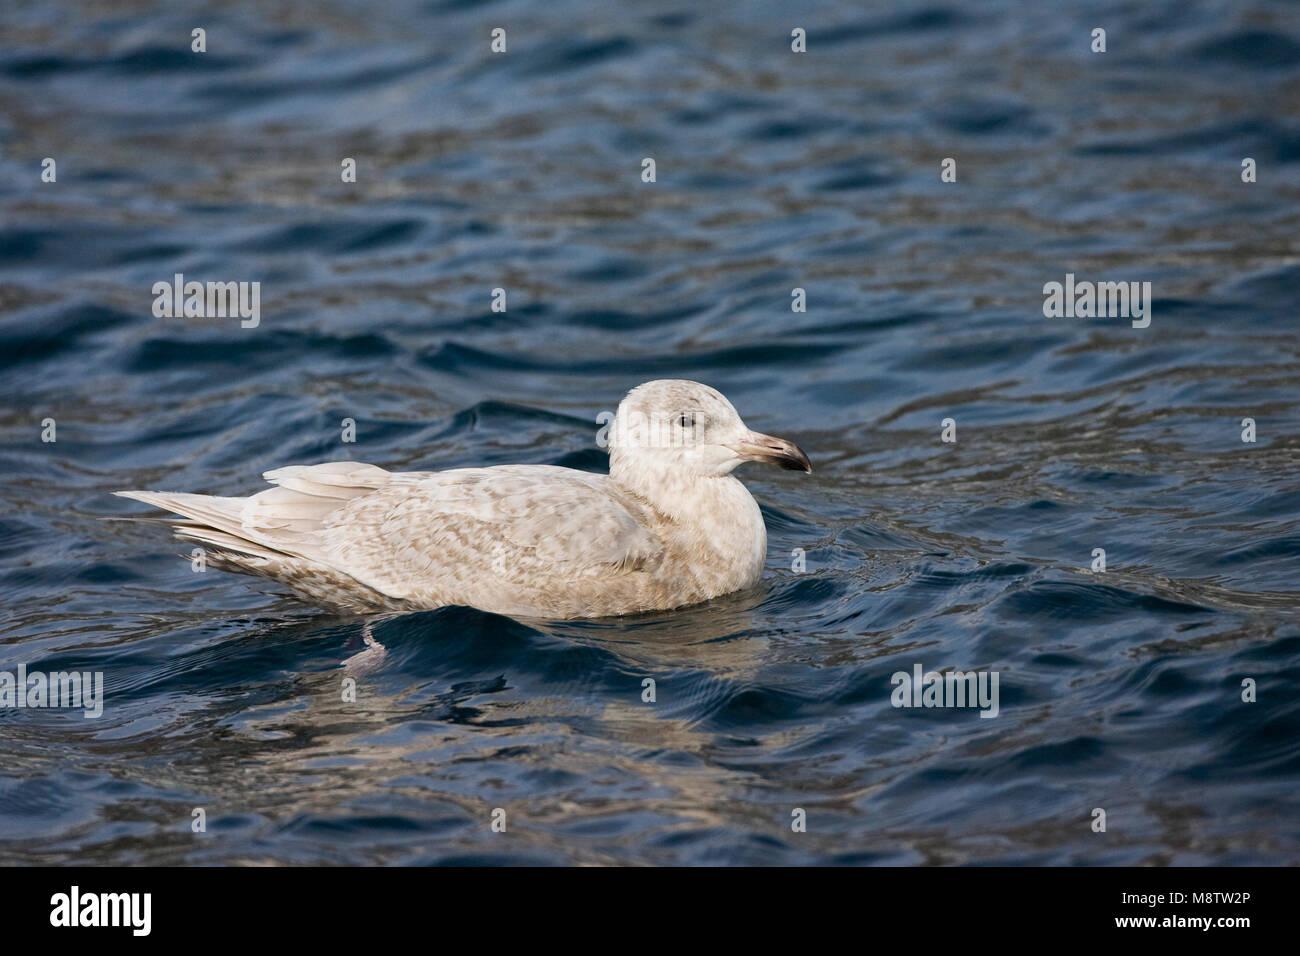 Onvolwassen Beringmeeuw; Immature Glaucous-winged Gull - Stock Image